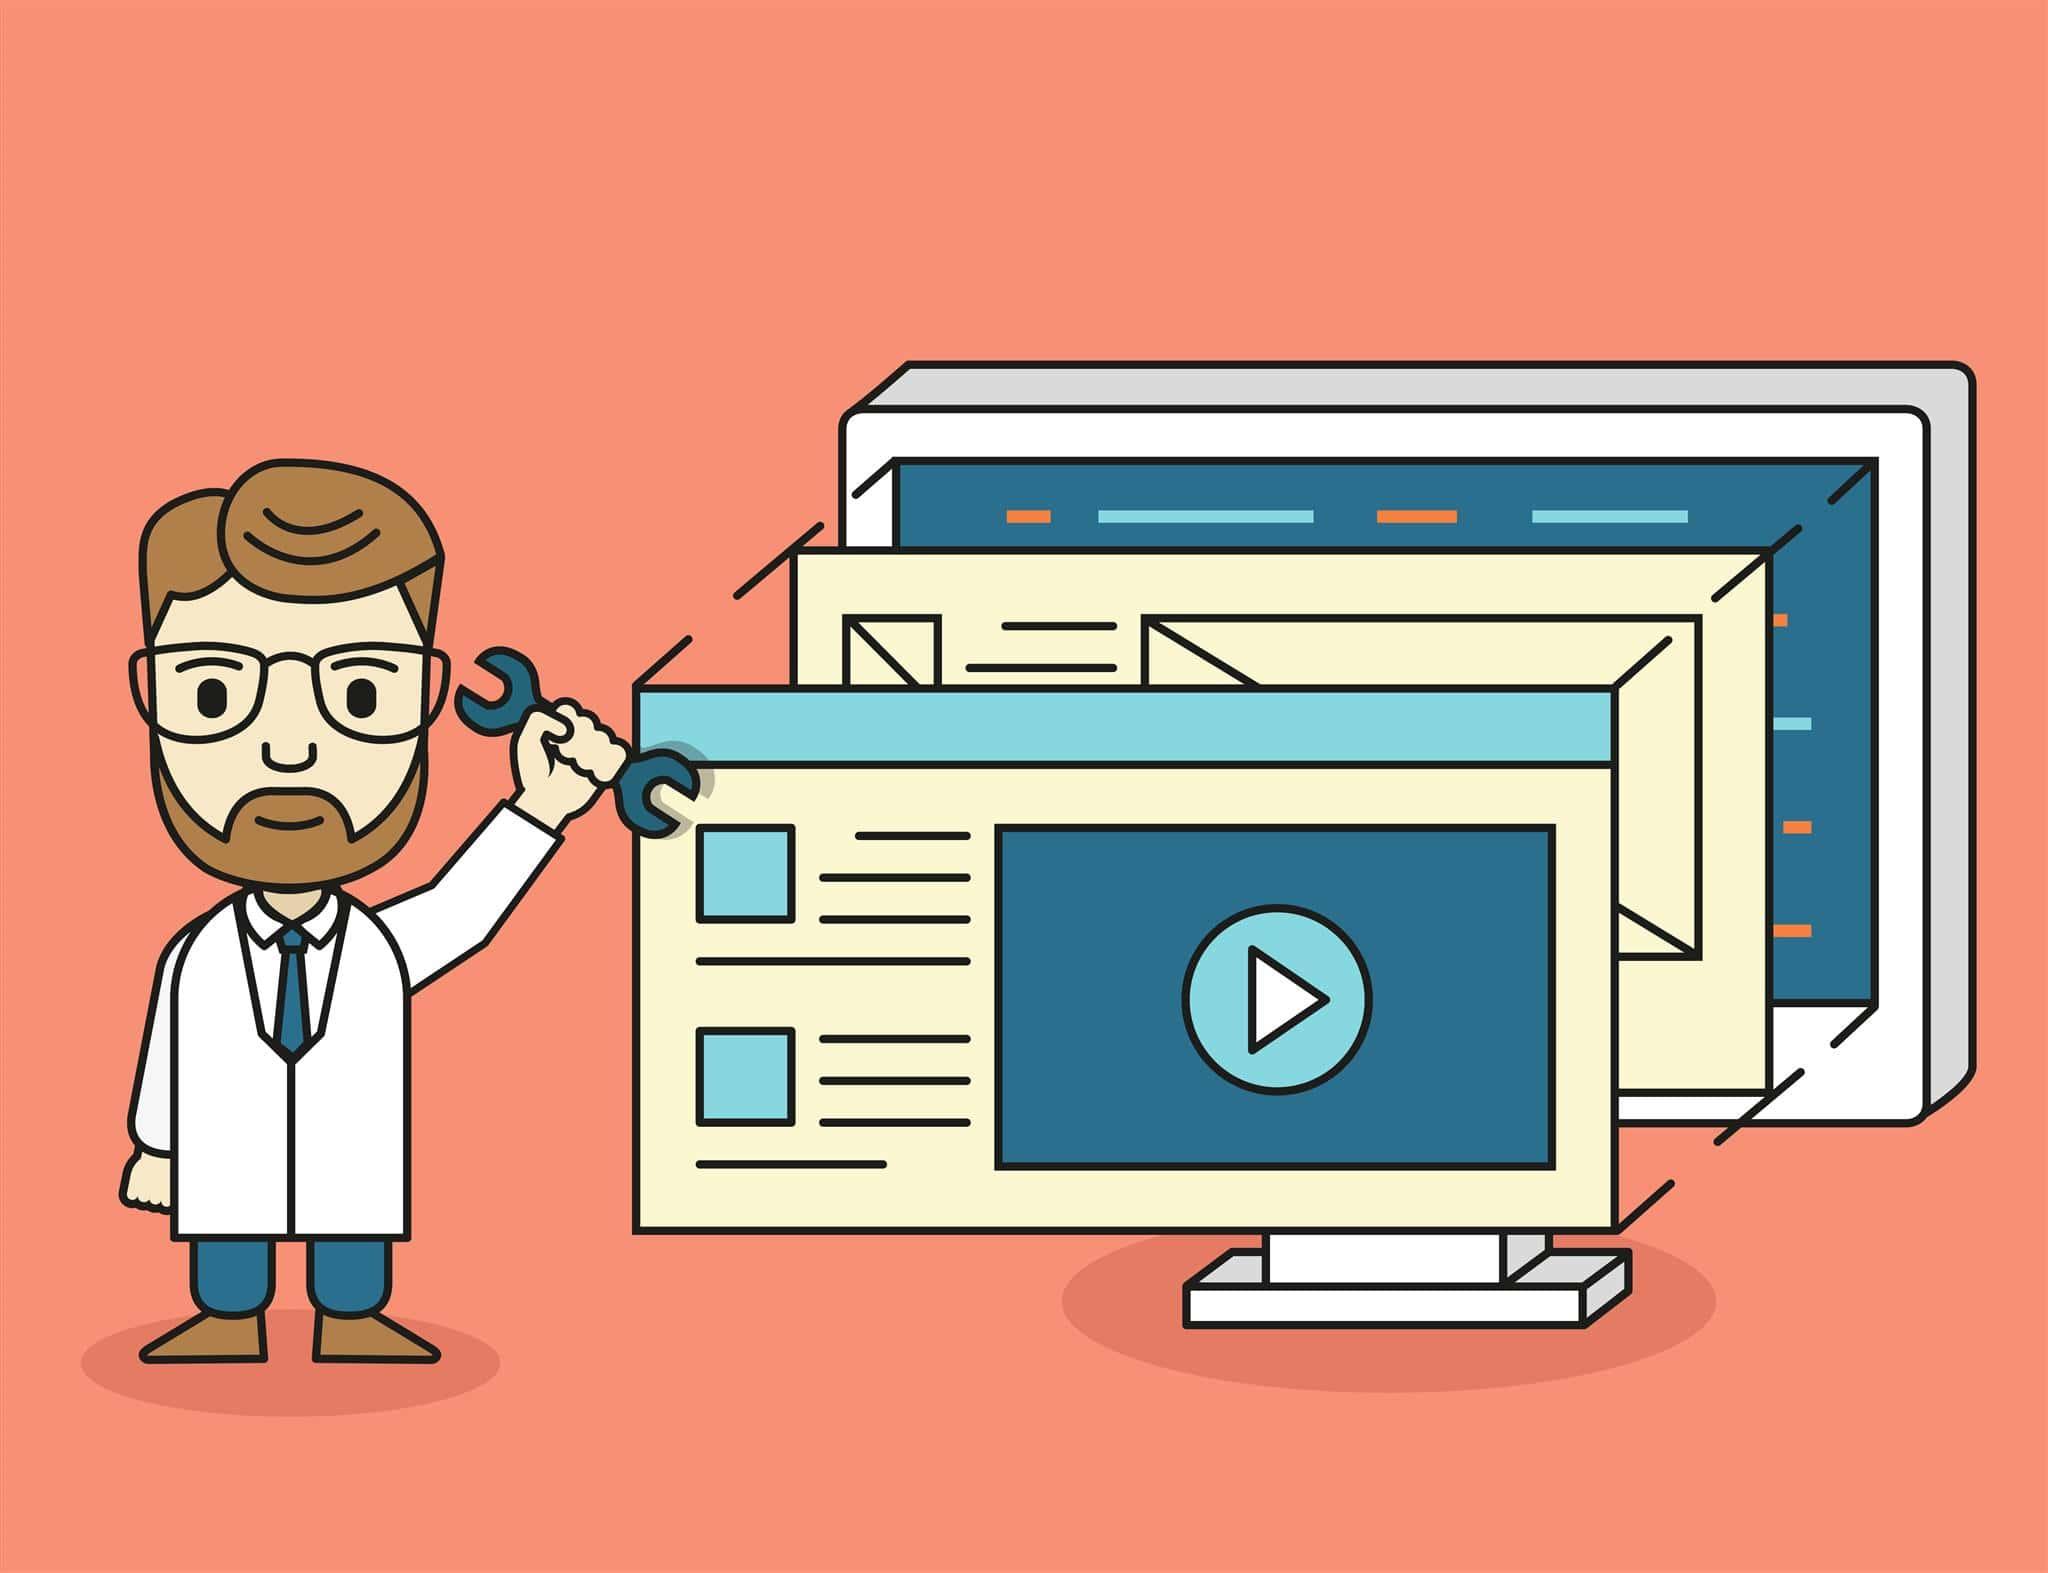 ilustração de conteúdo de paginas